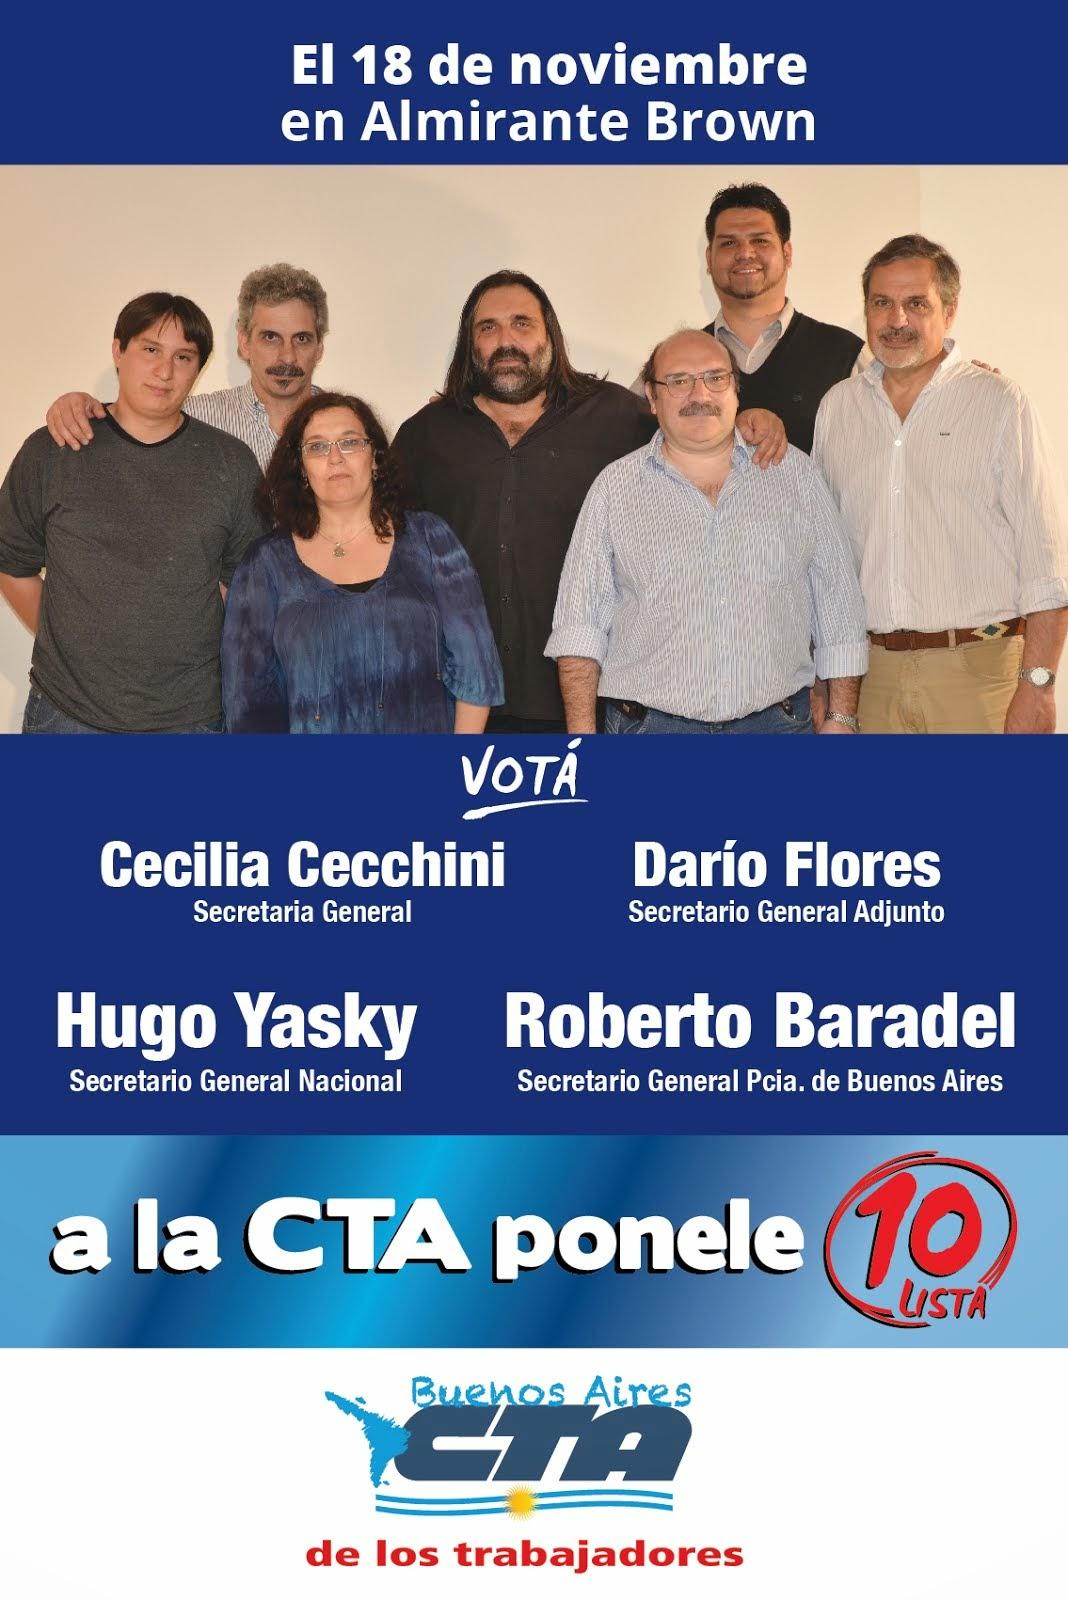 EL 18/11 SUTEBA PARTICIPA DE LAS ELECCIONES DE LA CTA - Central de Trabajadores de la Argentina